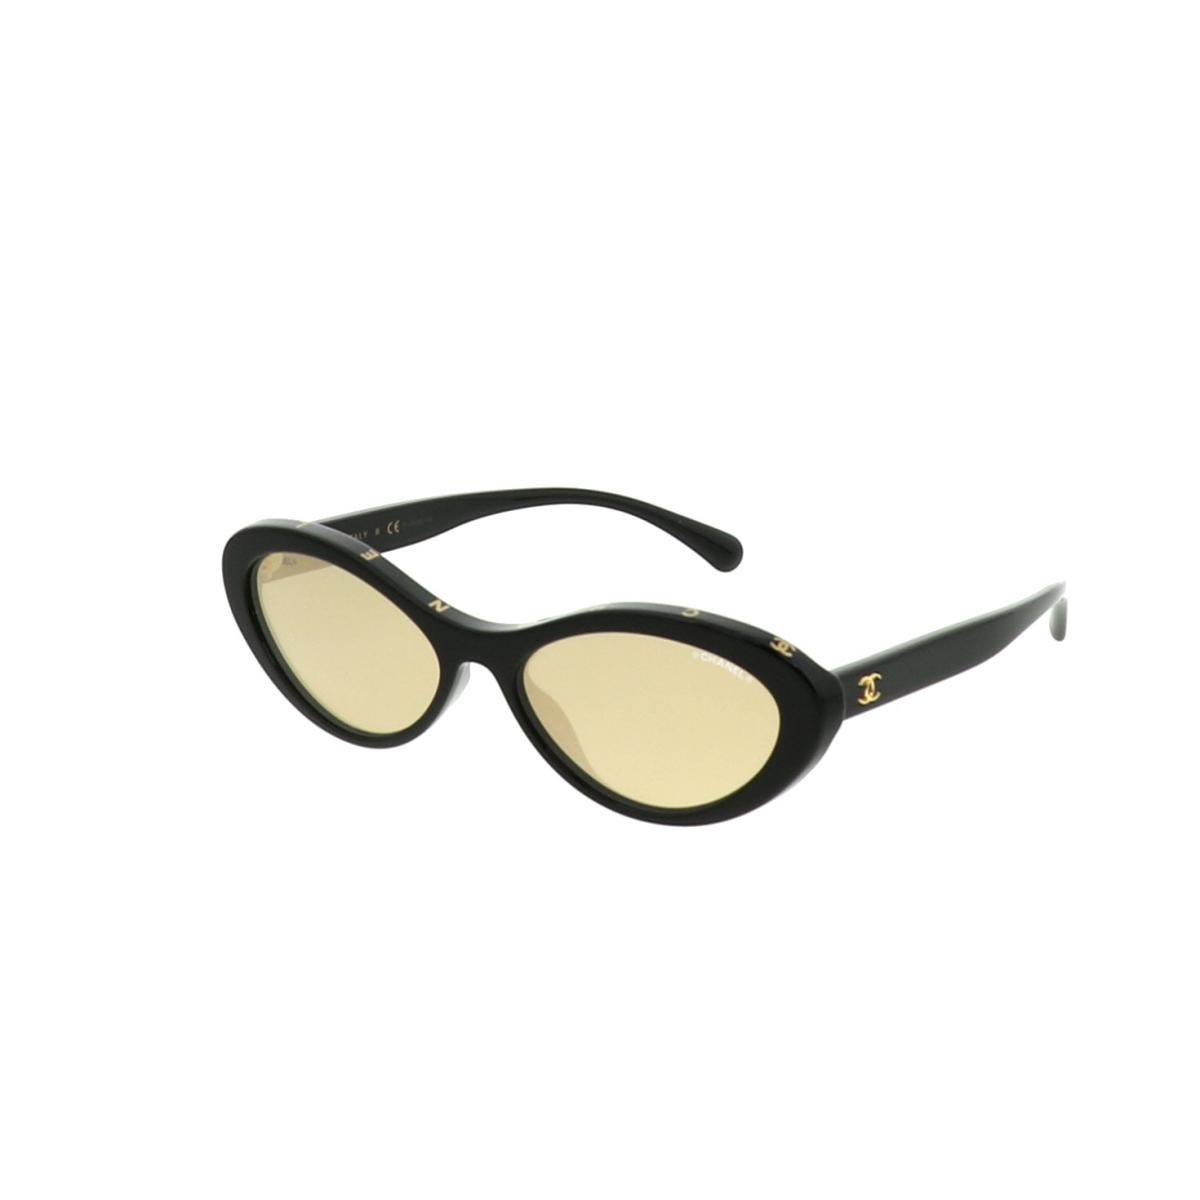 【即日発送・水曜定休日・木曜発送】【極上品】【オススメ】【RI】 CHANEL (シャネル) サングラス 服飾 眼鏡/サングラス Sunglasses Black/ブラック